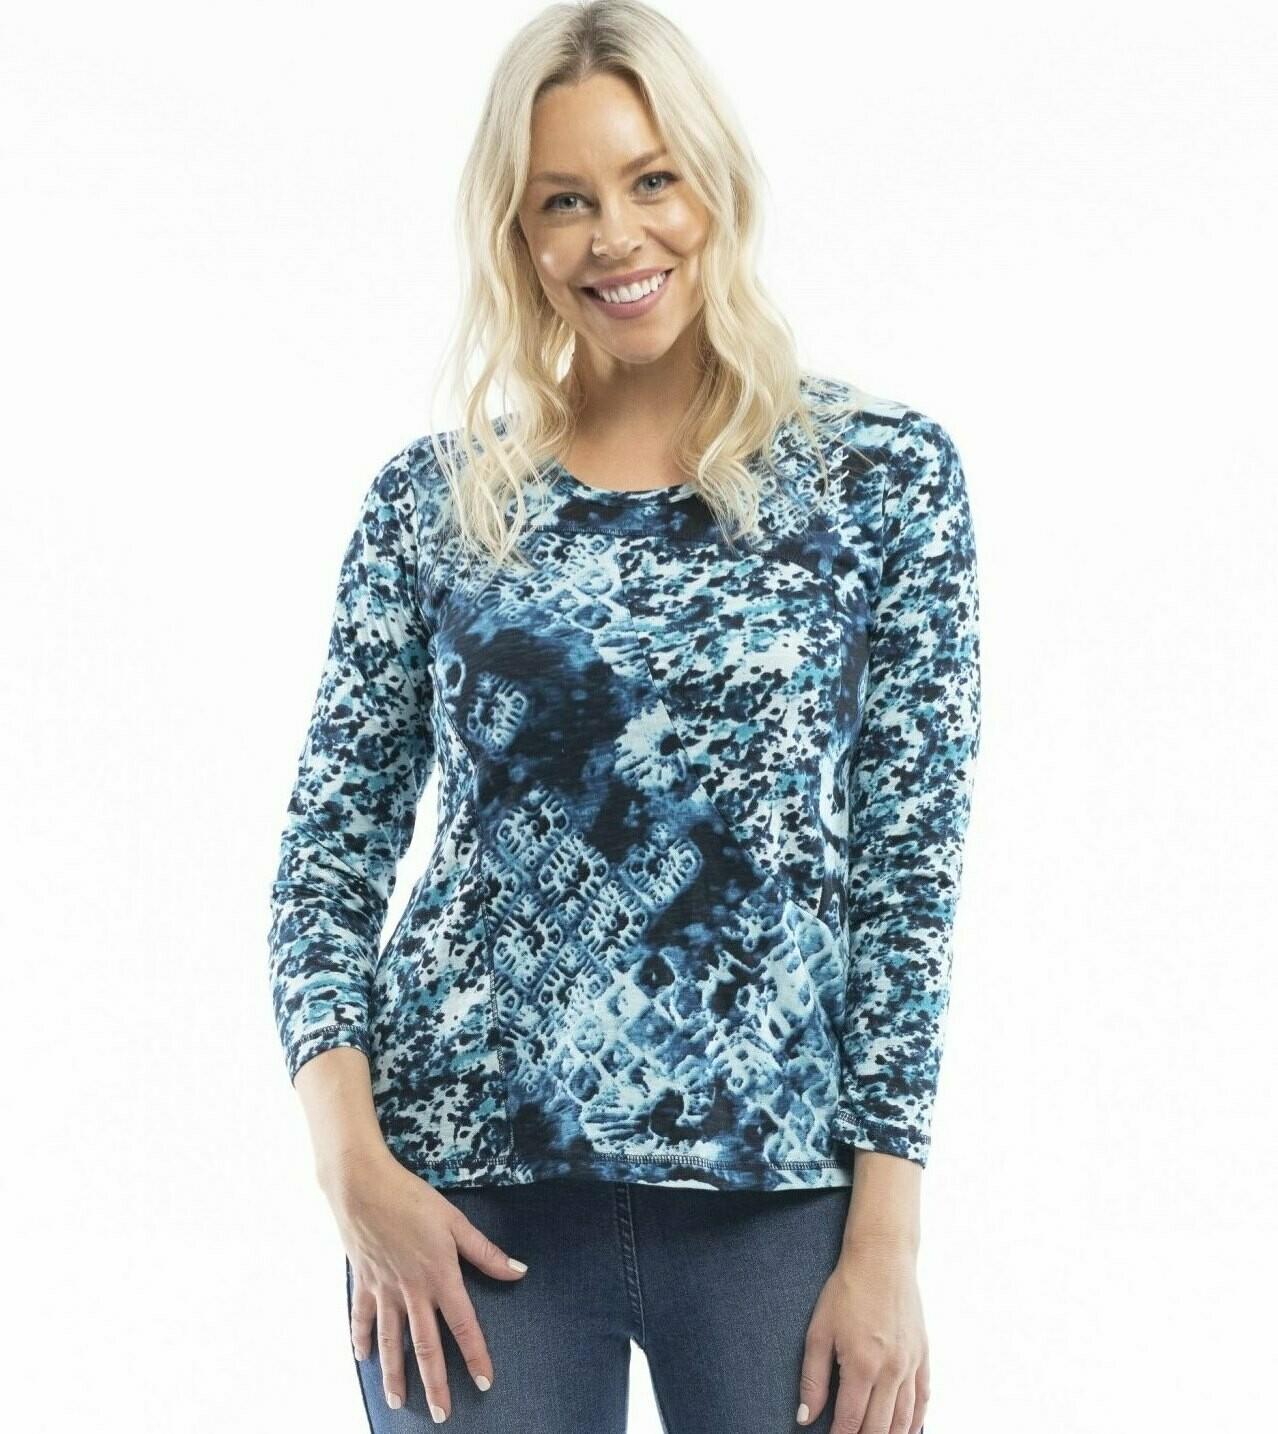 Mdina Blue Knit Top